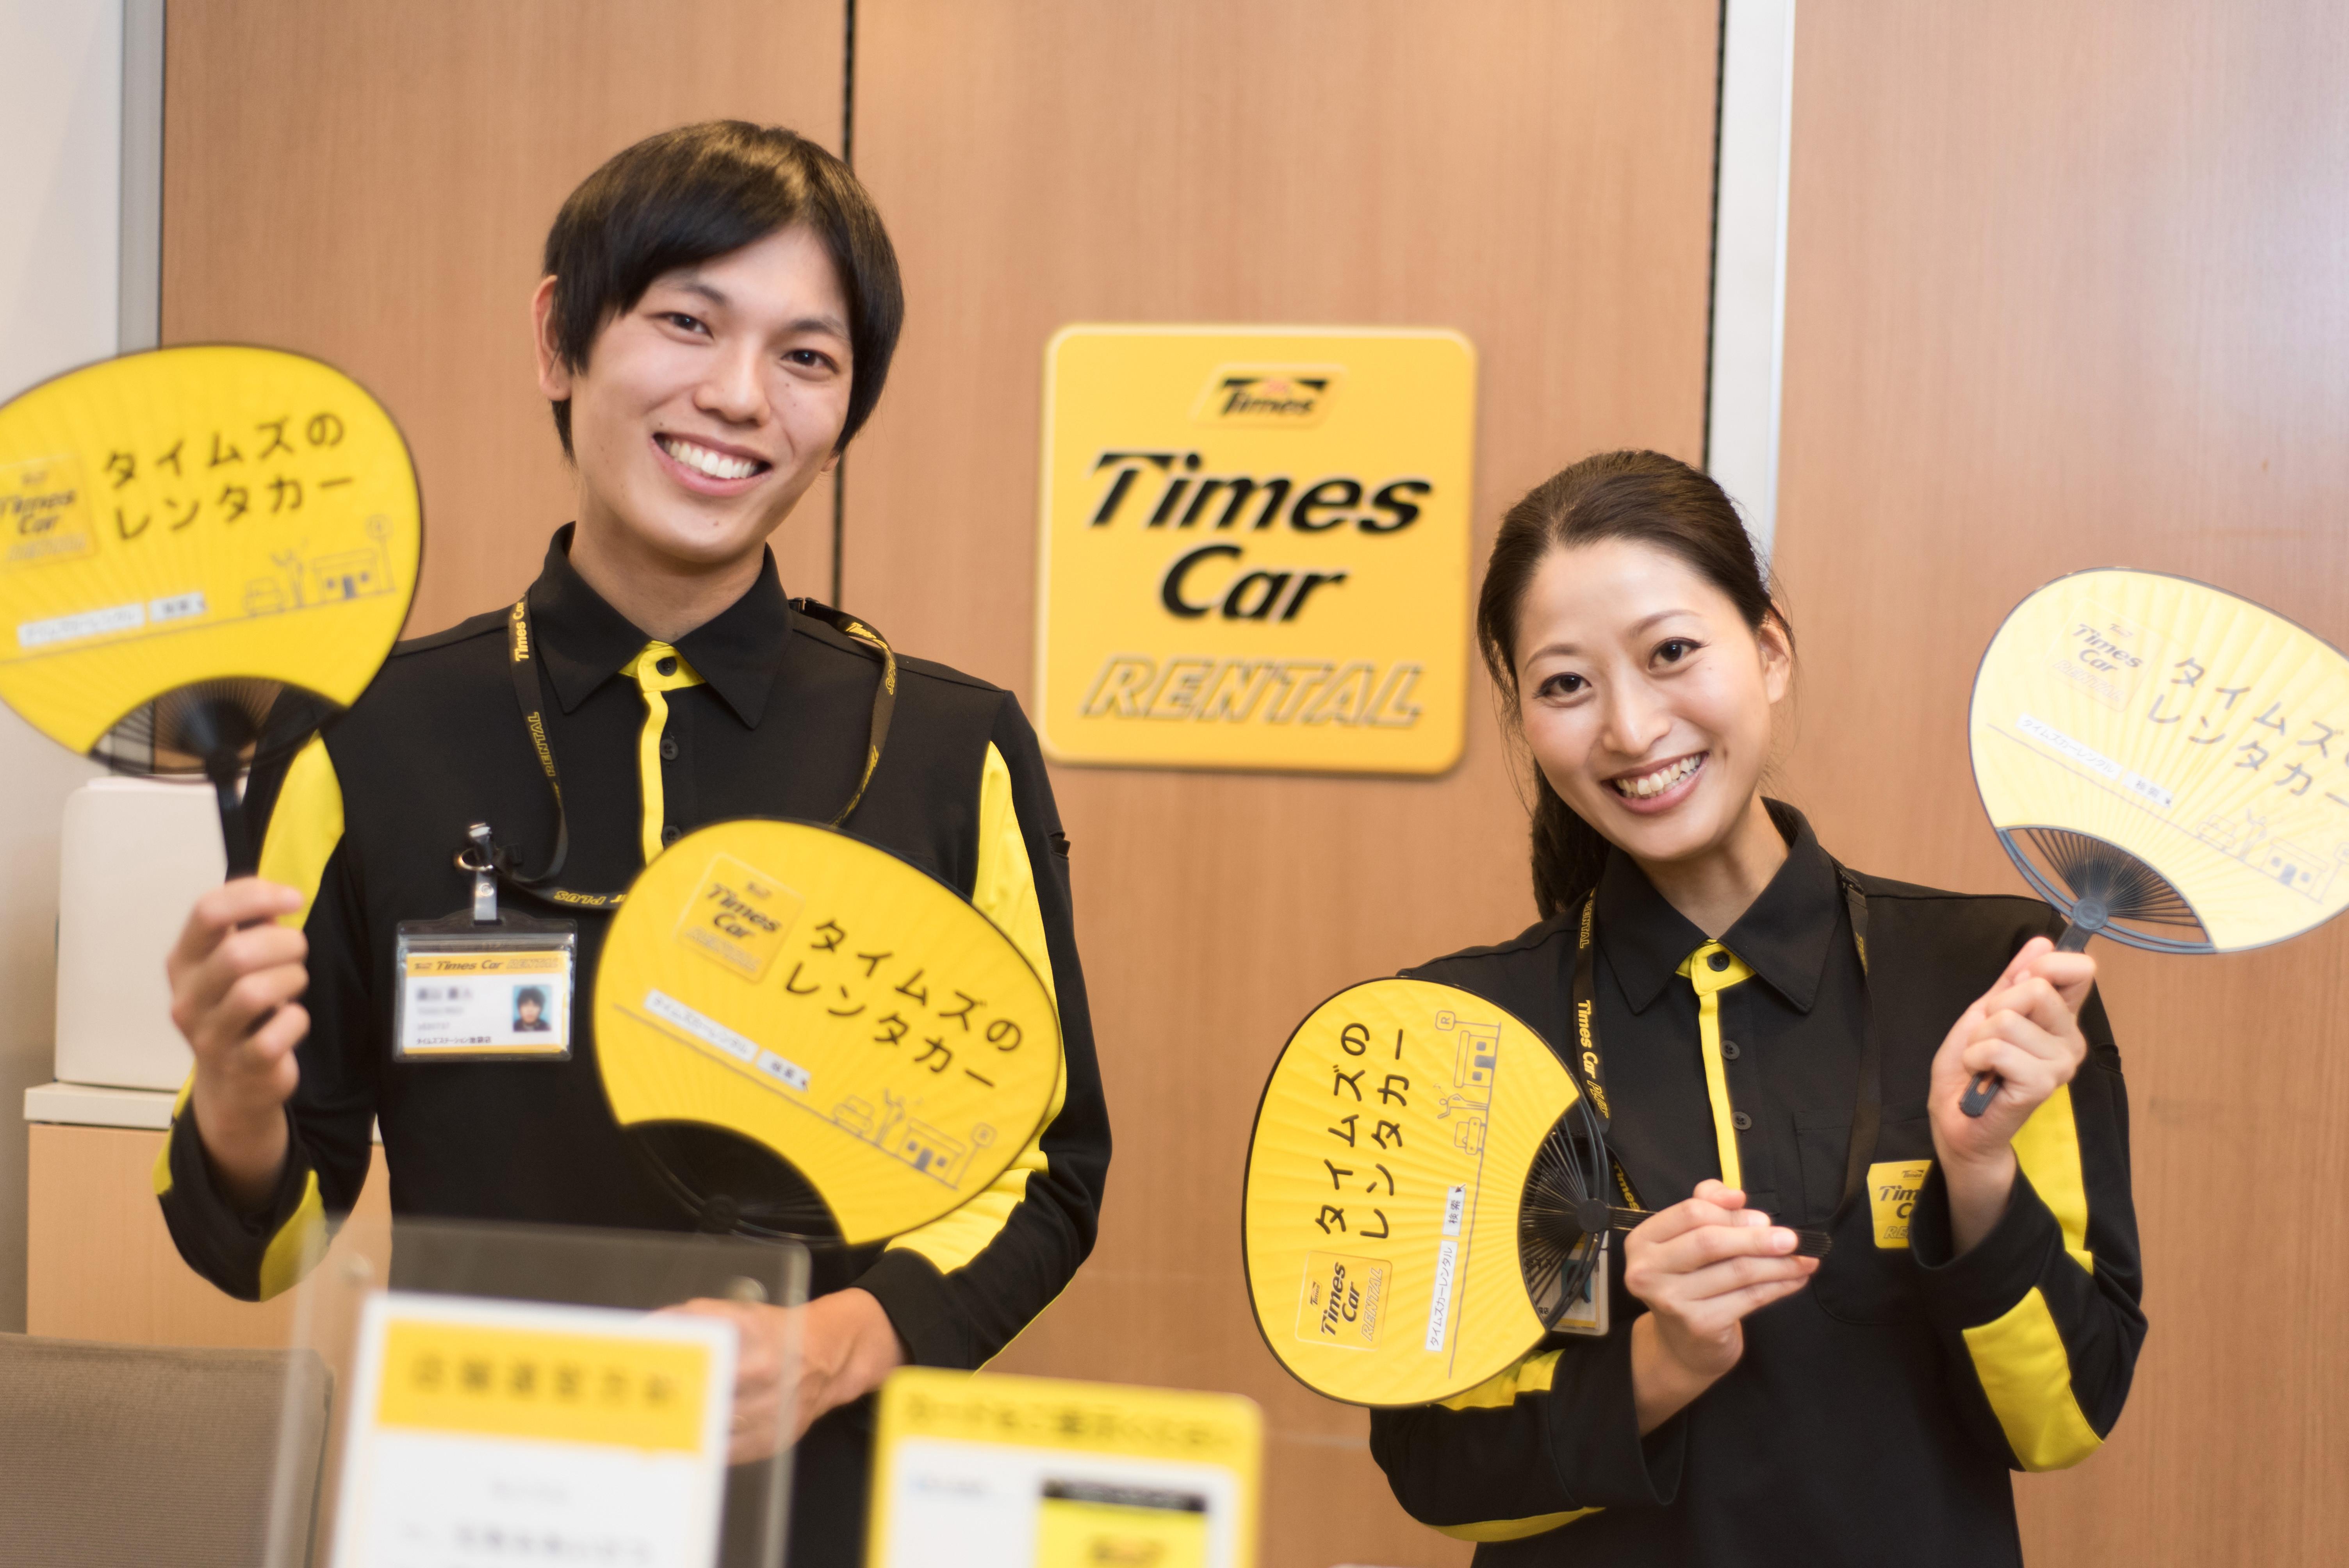 タイムズカーレンタル 新大阪駅前店 のアルバイト情報